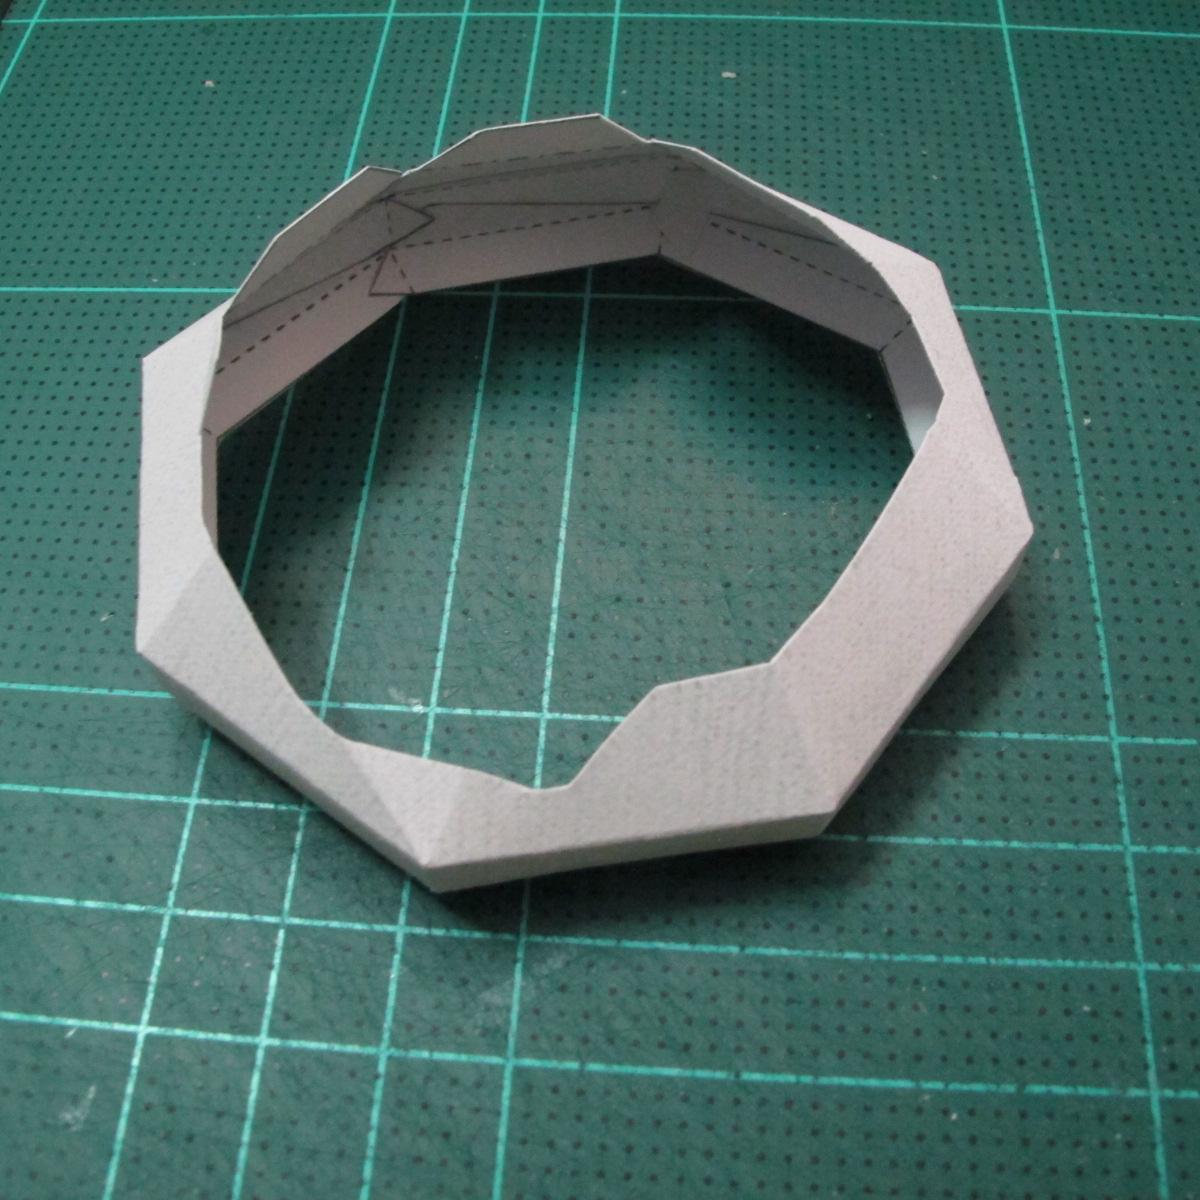 วิธีทำโมเดลกระดาษของเล่นคุกกี้รัน คุกกี้รสพ่อมด (Cookie Run Wizard Cookie Papercraft Model) 010